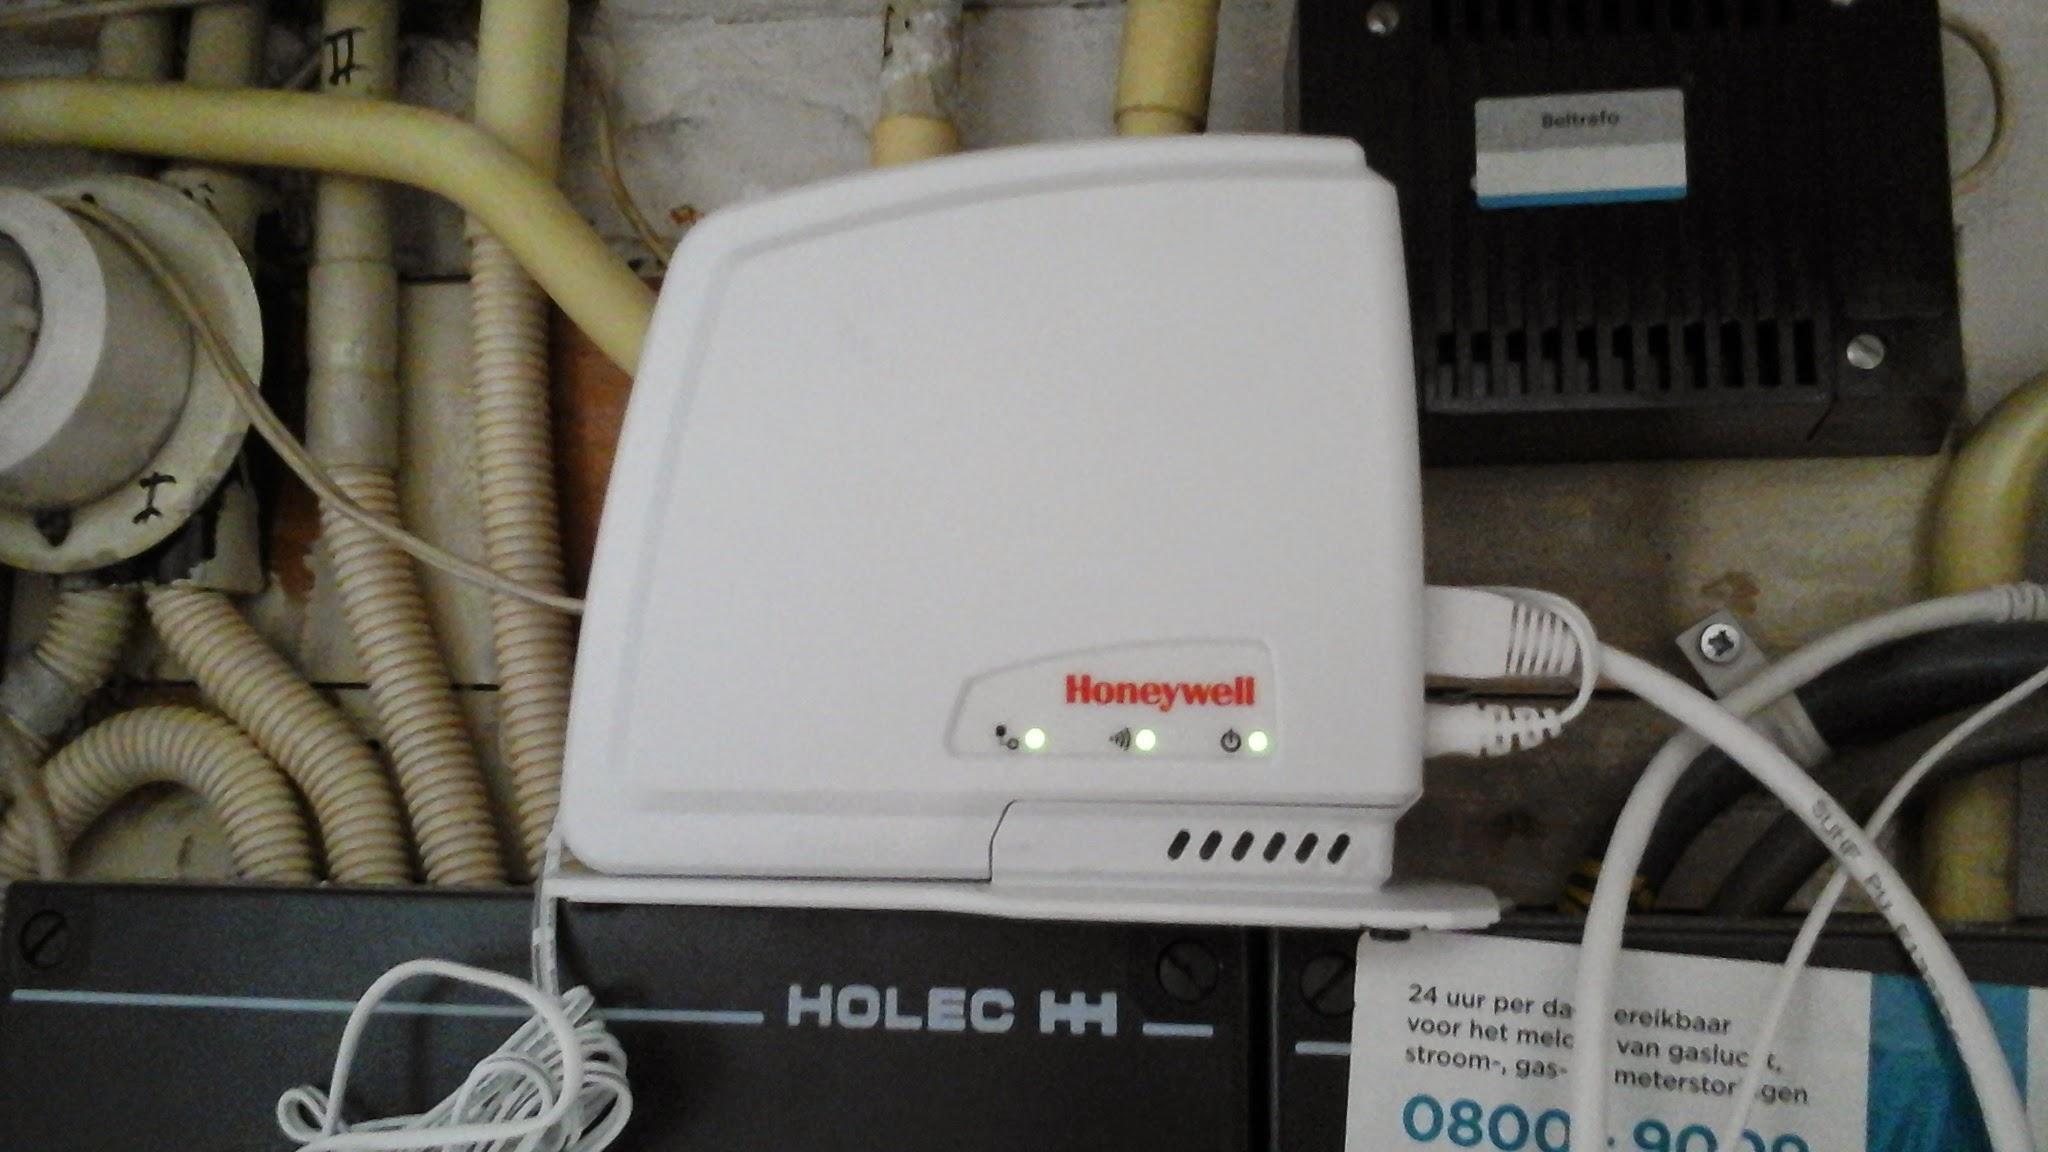 Honeywell Badkamer Verwarming : Honeywell round connected therostaat eenvoudig en perfect